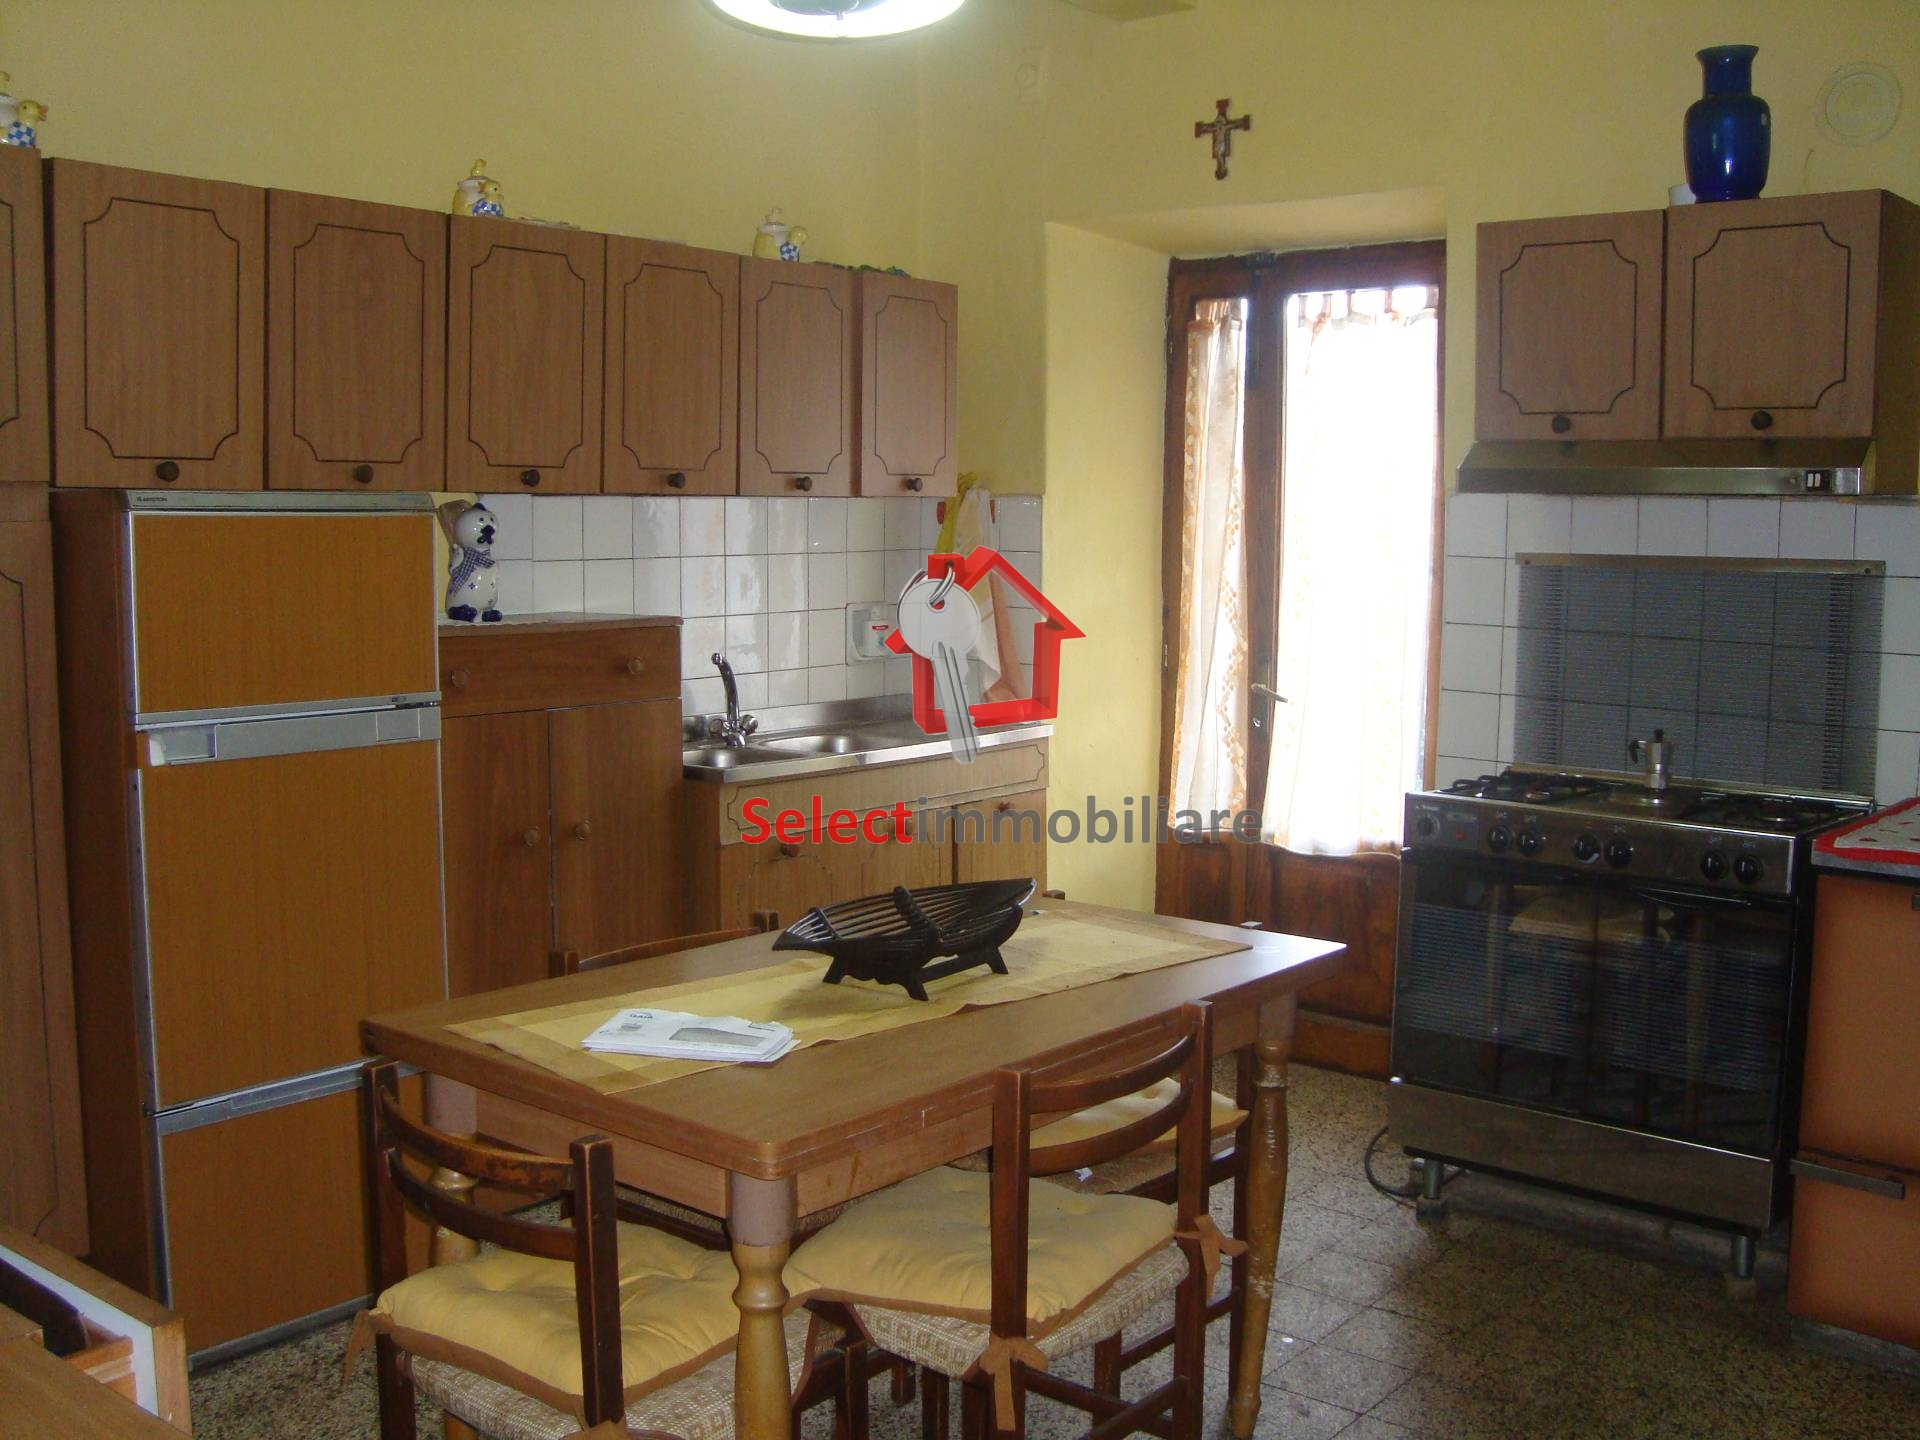 Soluzione Semindipendente in affitto a Borgo a Mozzano, 5 locali, zona Zona: Anchiano, prezzo € 75.000 | CambioCasa.it